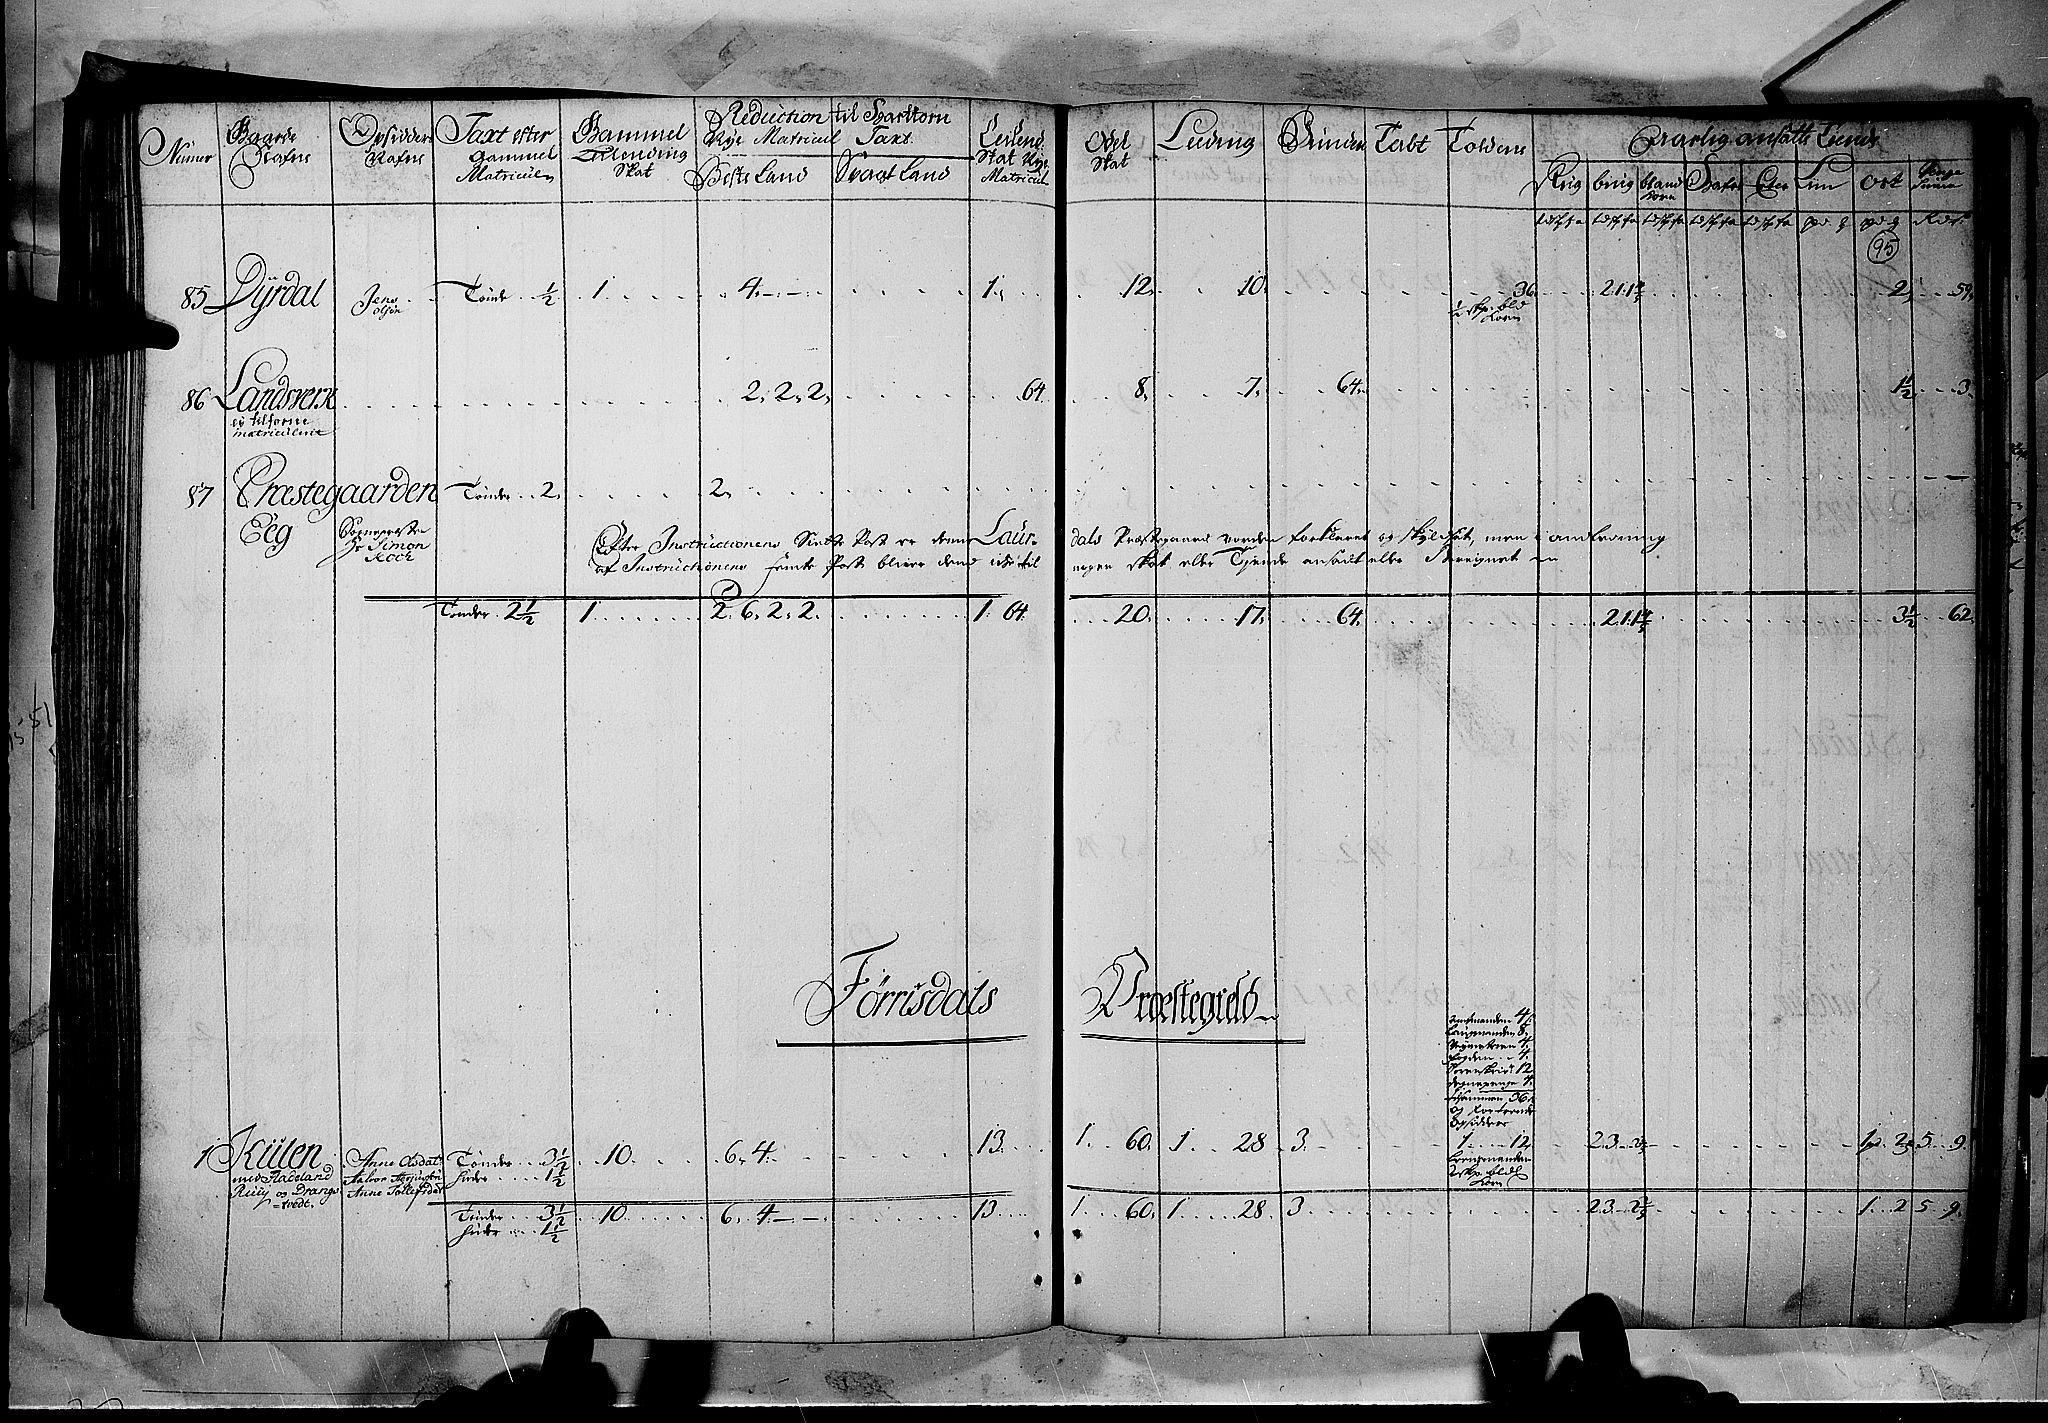 RA, Rentekammeret inntil 1814, Realistisk ordnet avdeling, N/Nb/Nbf/L0122: Øvre og Nedre Telemark matrikkelprotokoll, 1723, s. 94b-95a